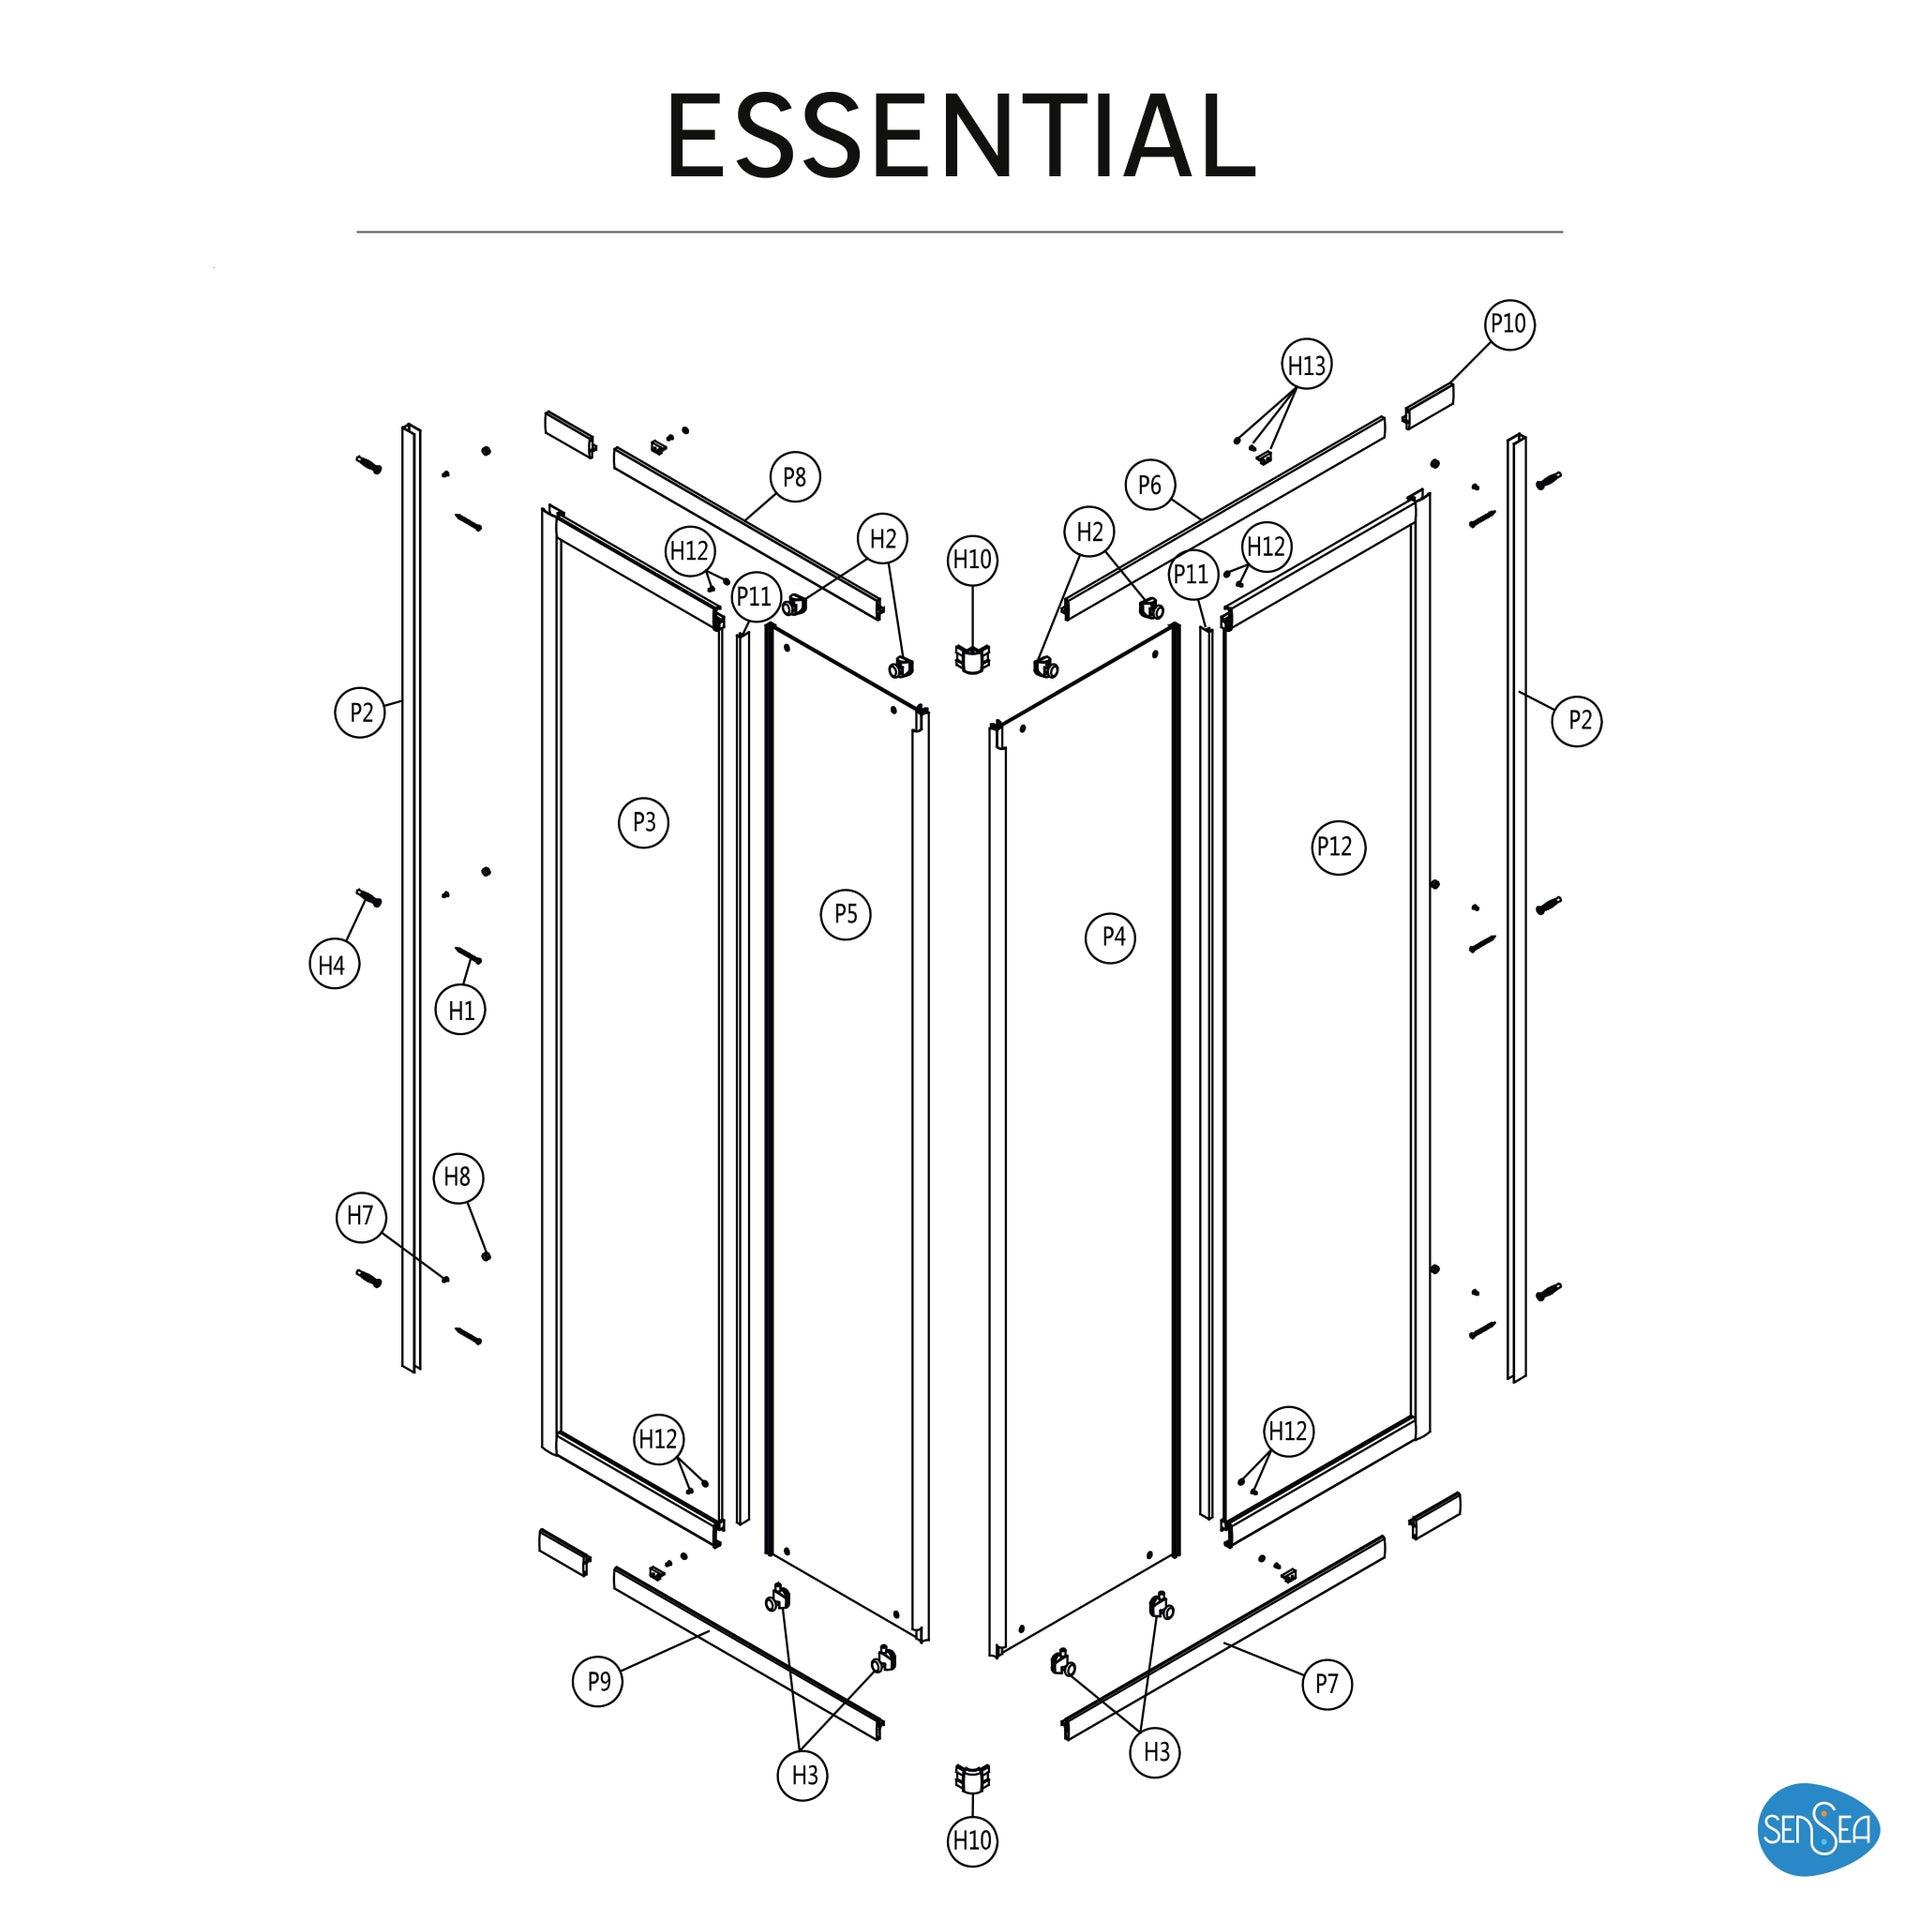 Box doccia rettangolare scorrevole Essential 70 x 100 cm, H 185 cm in vetro temprato, spessore 4 mm trasparente cromato - 7